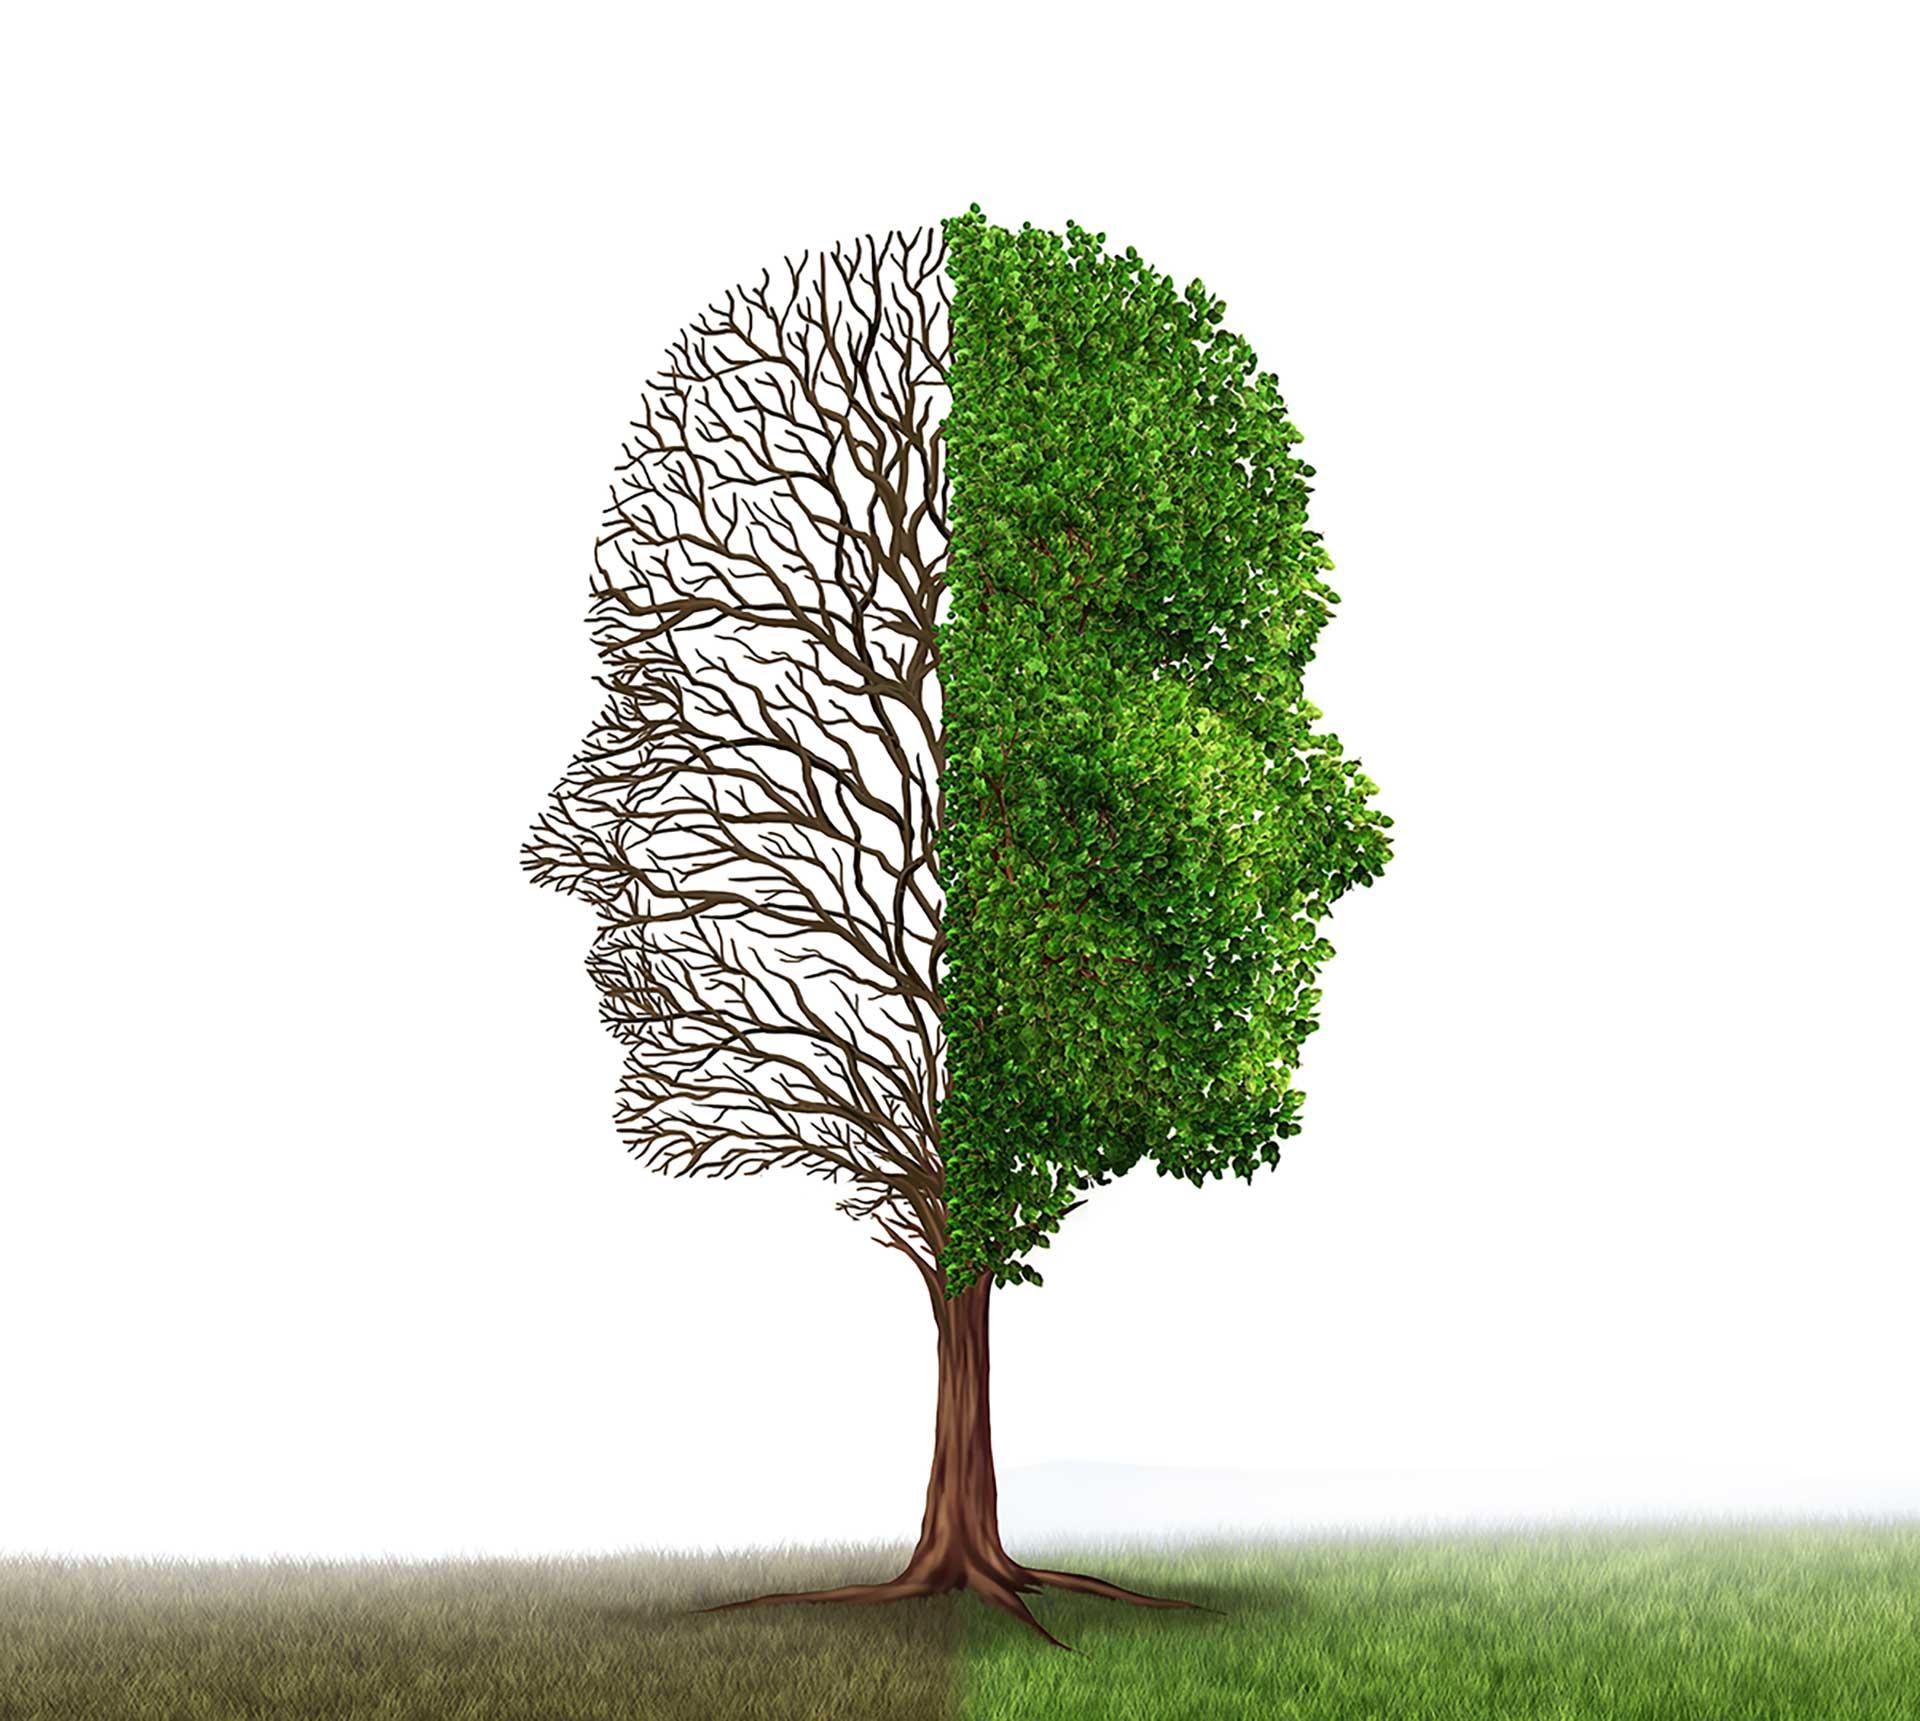 Mendësia e fiksuar apo e rritjes, cila ndikon më pozitivisht në punë?